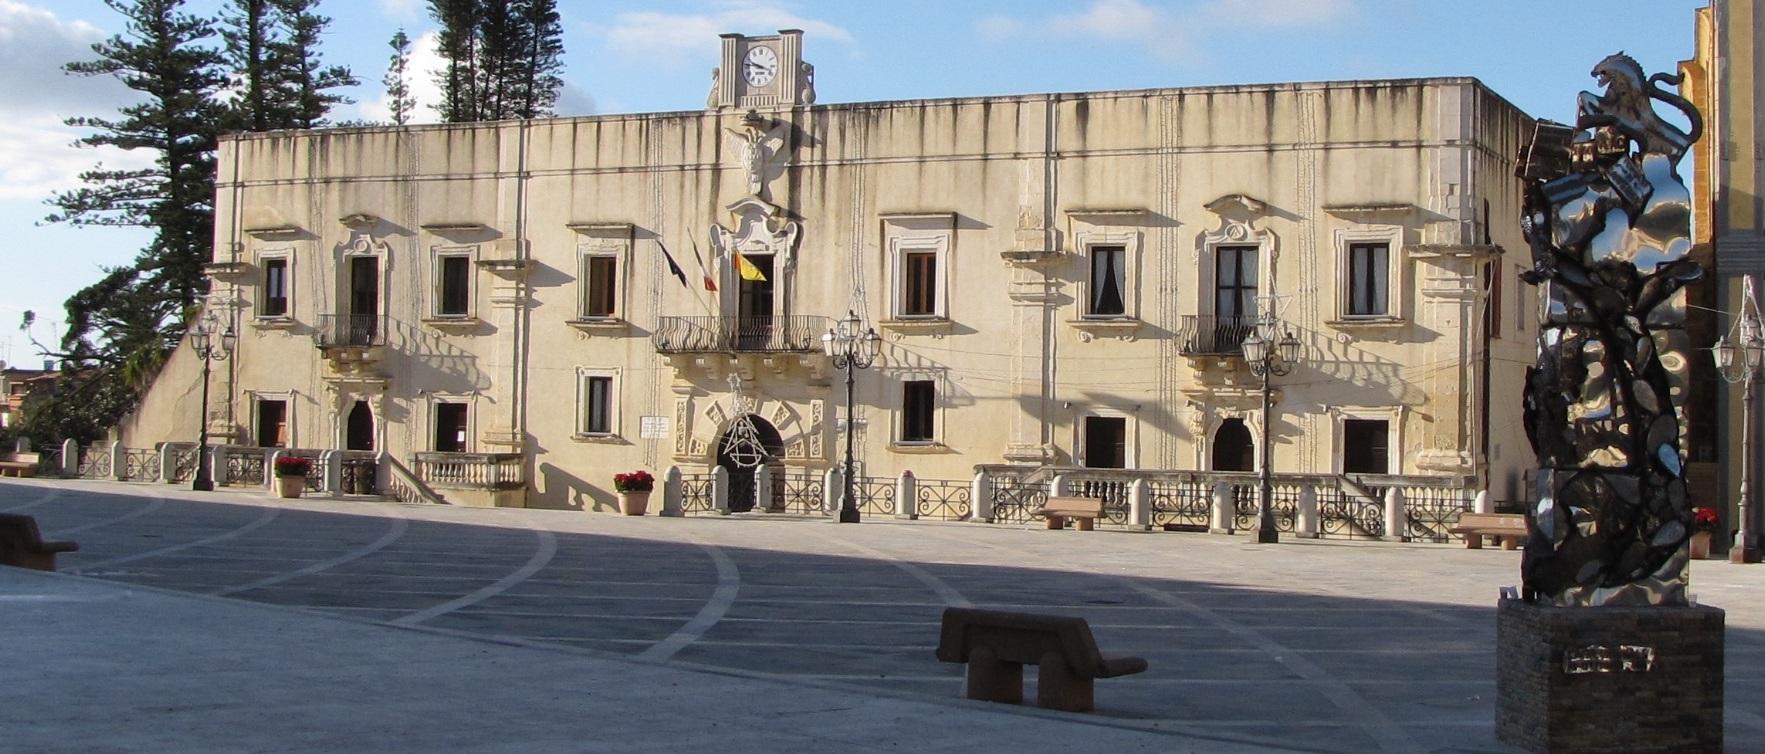 Santa Margherita in Belice